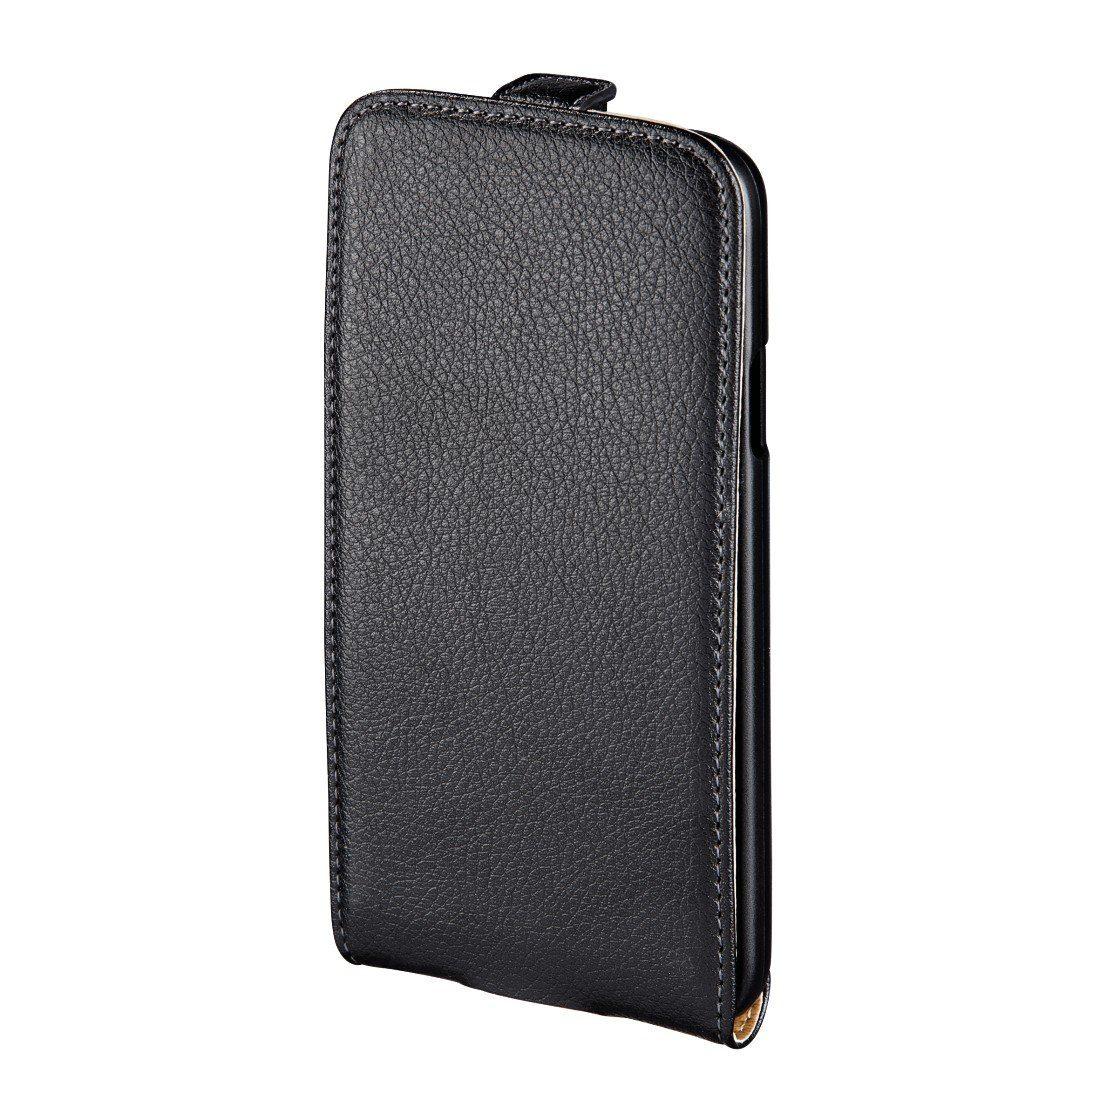 Hama Handyhülle Handytasche Hülle für Samsung Galaxy S3 mini »mit aufklappbarem Cover«